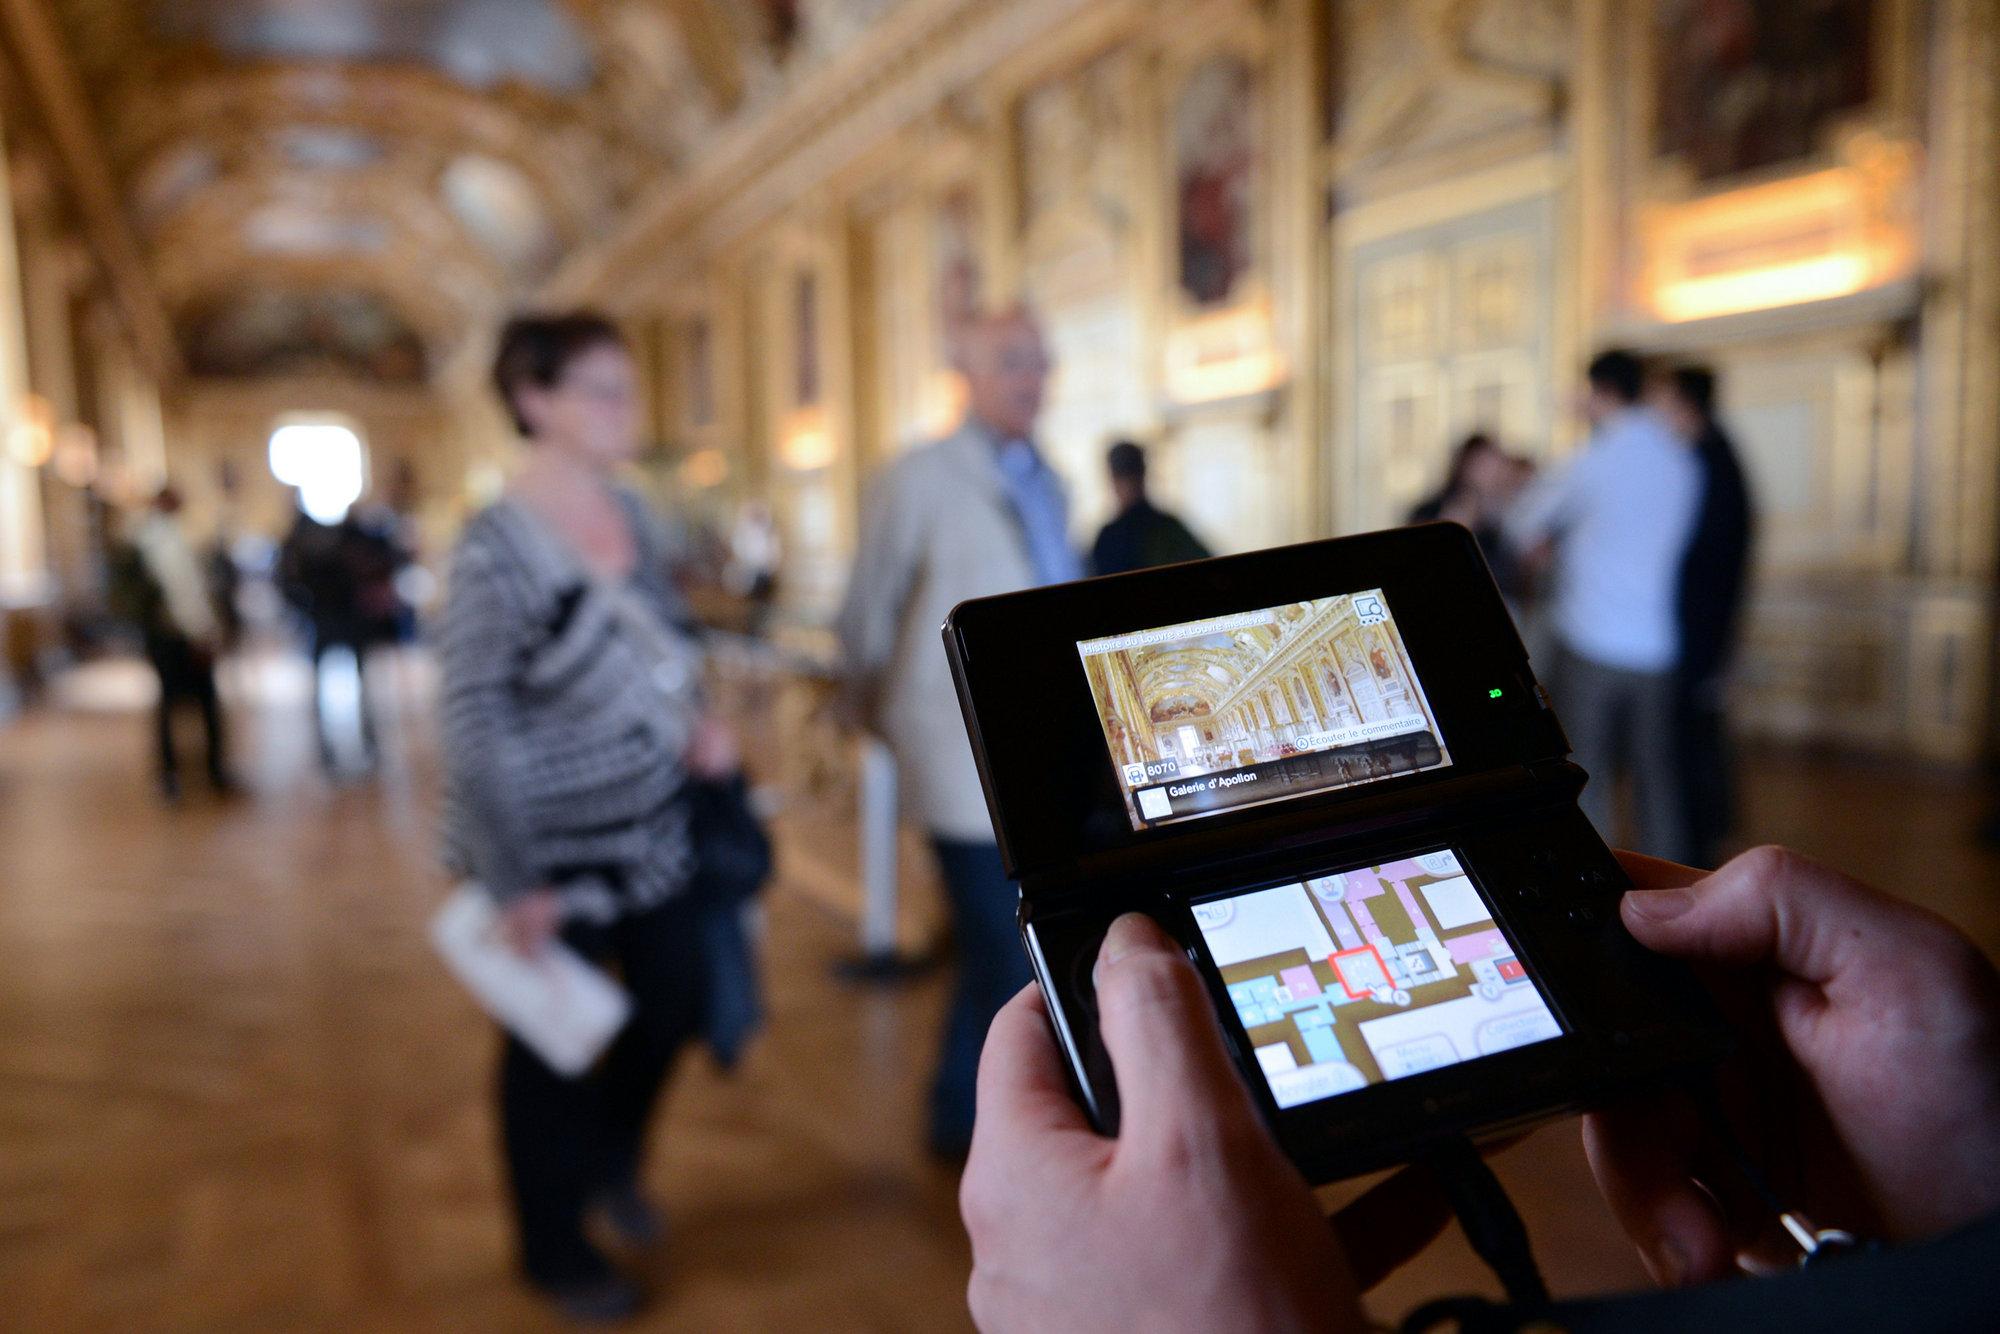 El nuevo guía del Museo del Louvre es una consola, la Nintendo 3DS